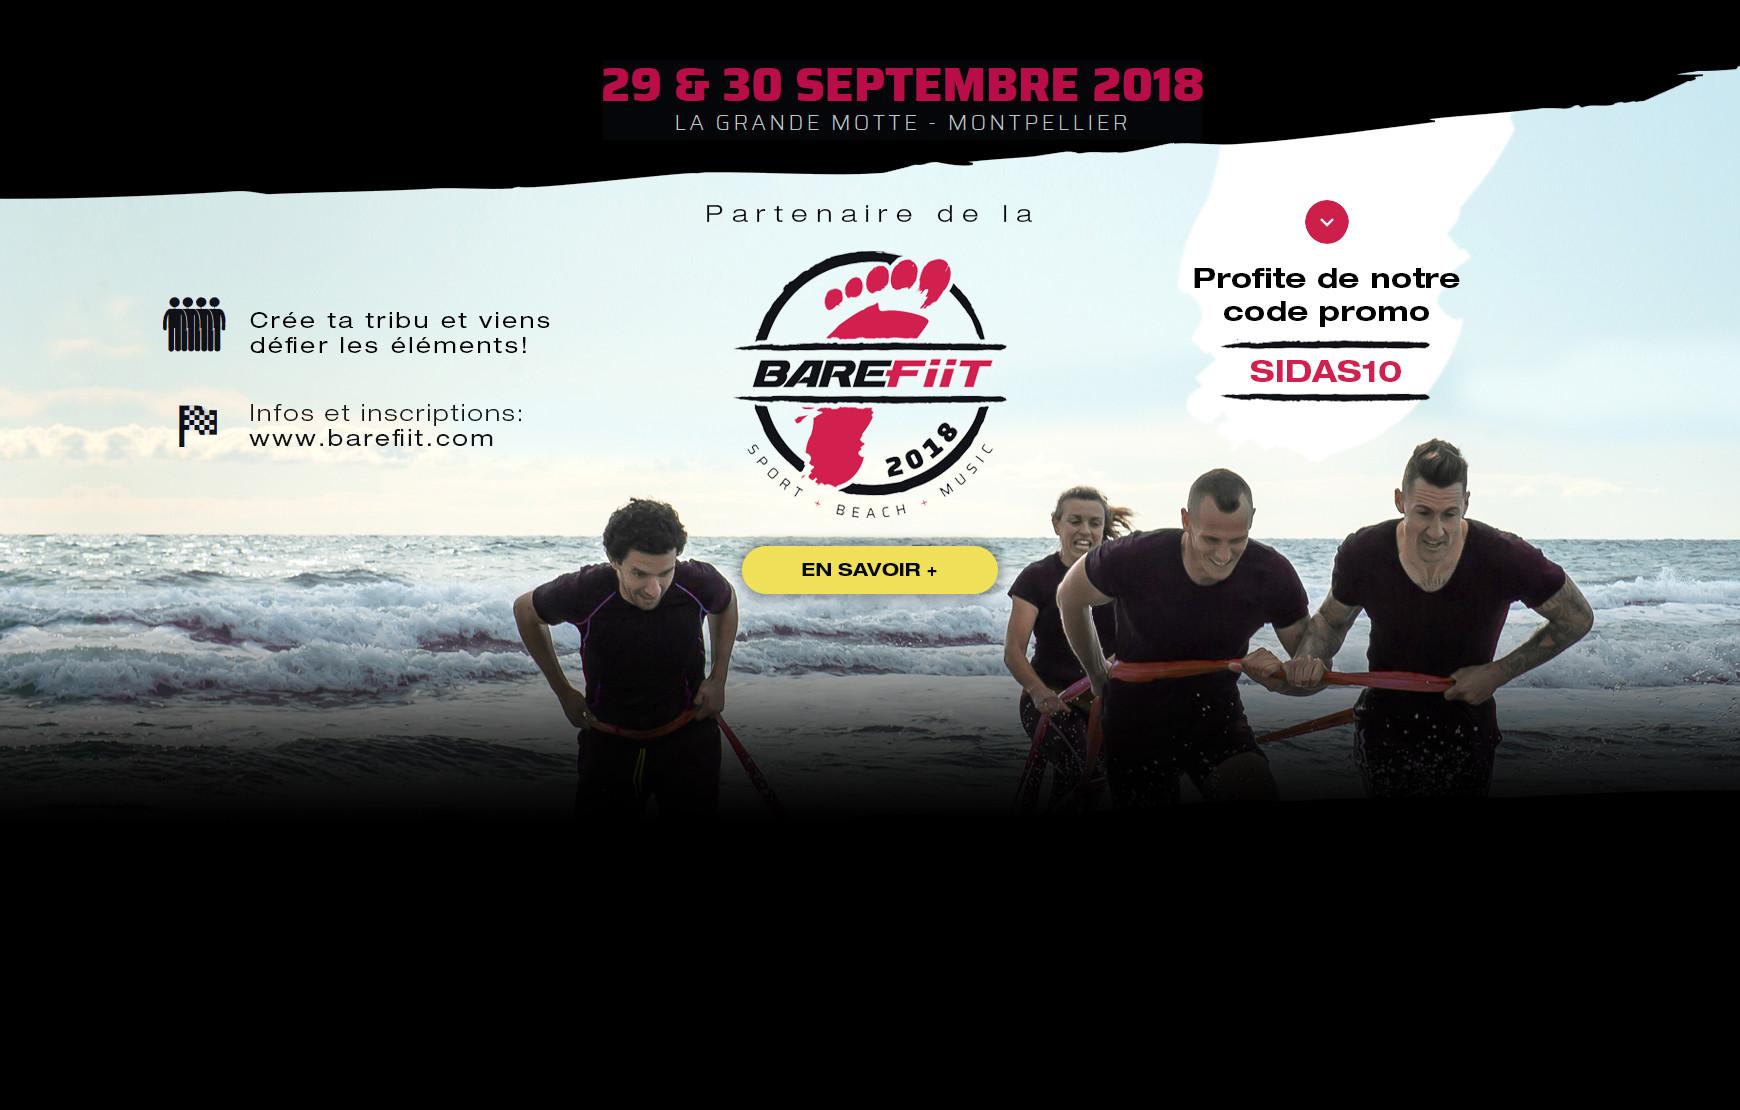 Retrouvez-nous sur la course d'obstacles BAREFiiT le 29 et 30 septembre !